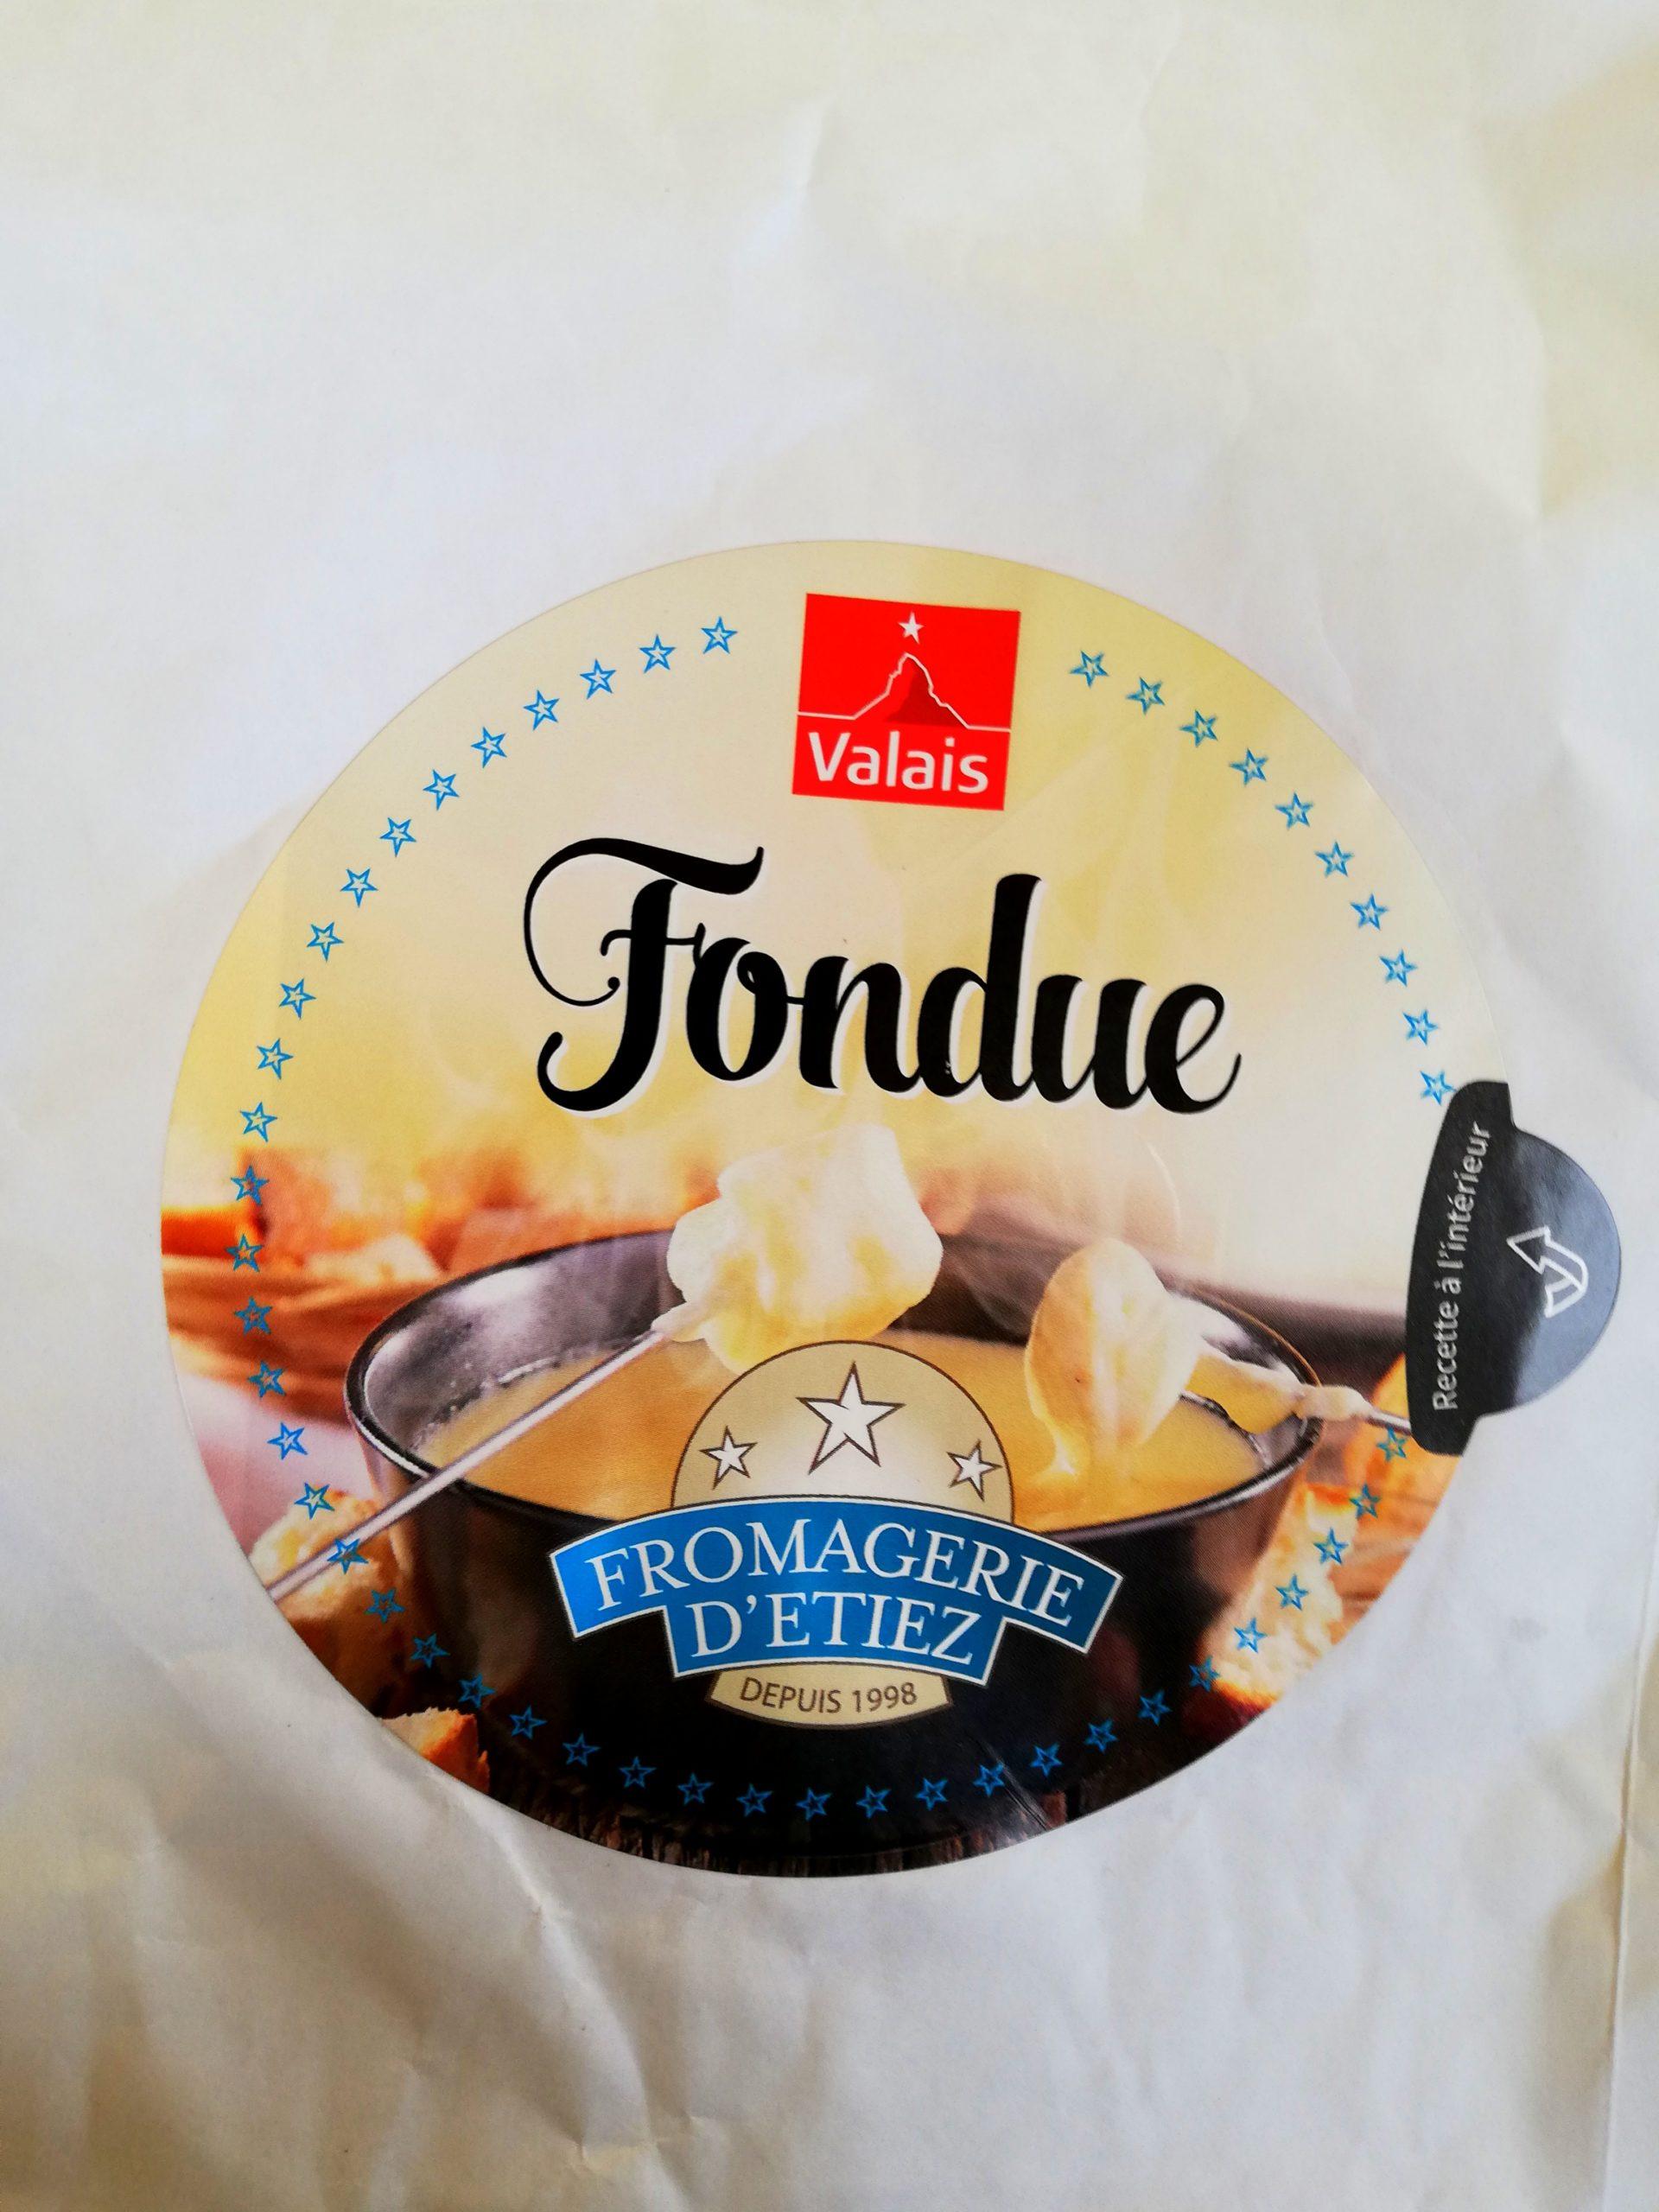 Mélange à fondue fromagerie Etiez Valais Suisse